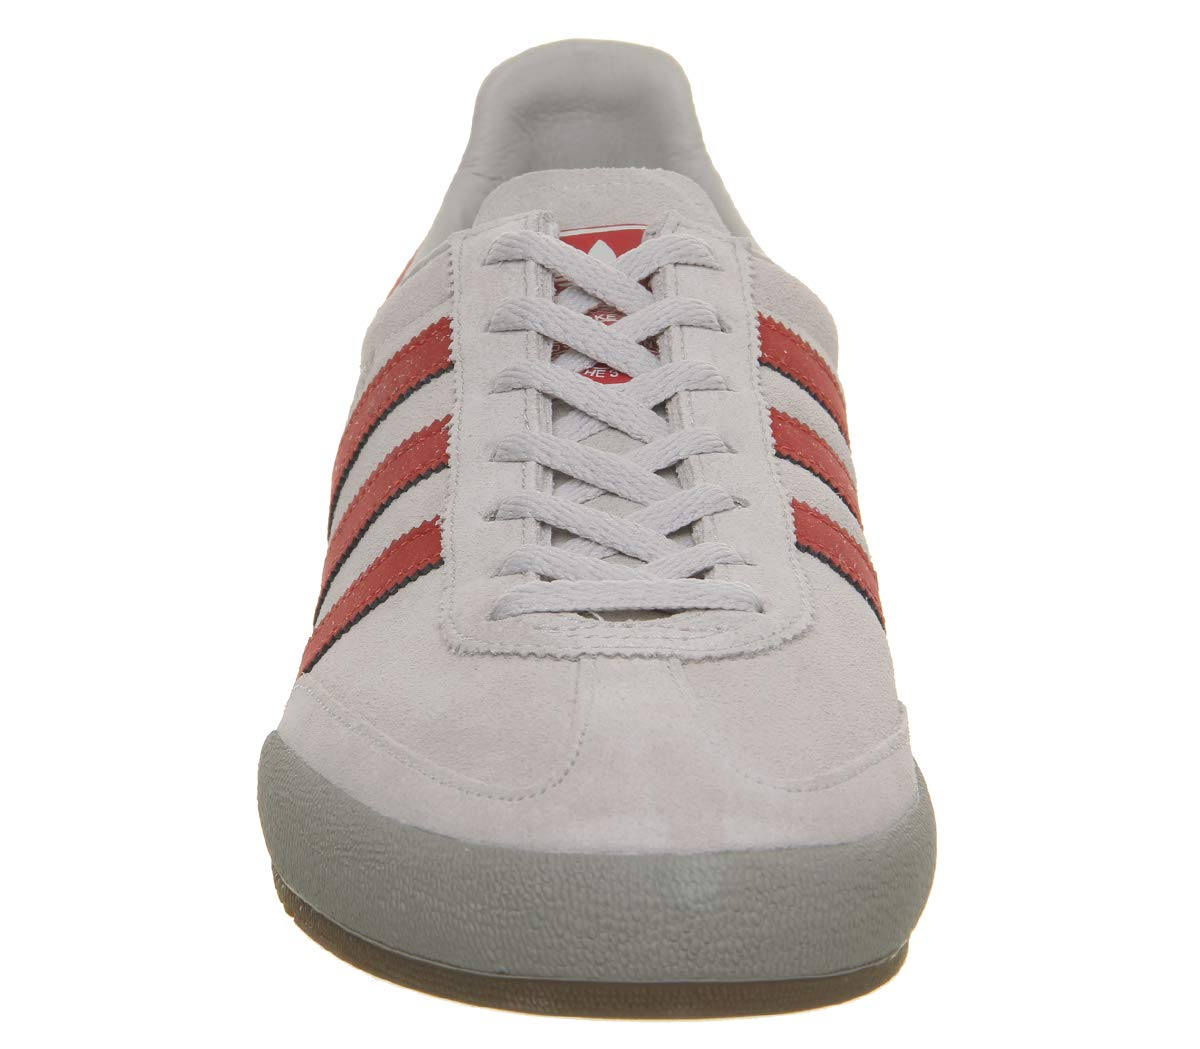 adidas Originals Jeans Sneaker Herren hellgraurot, 9.5 UK